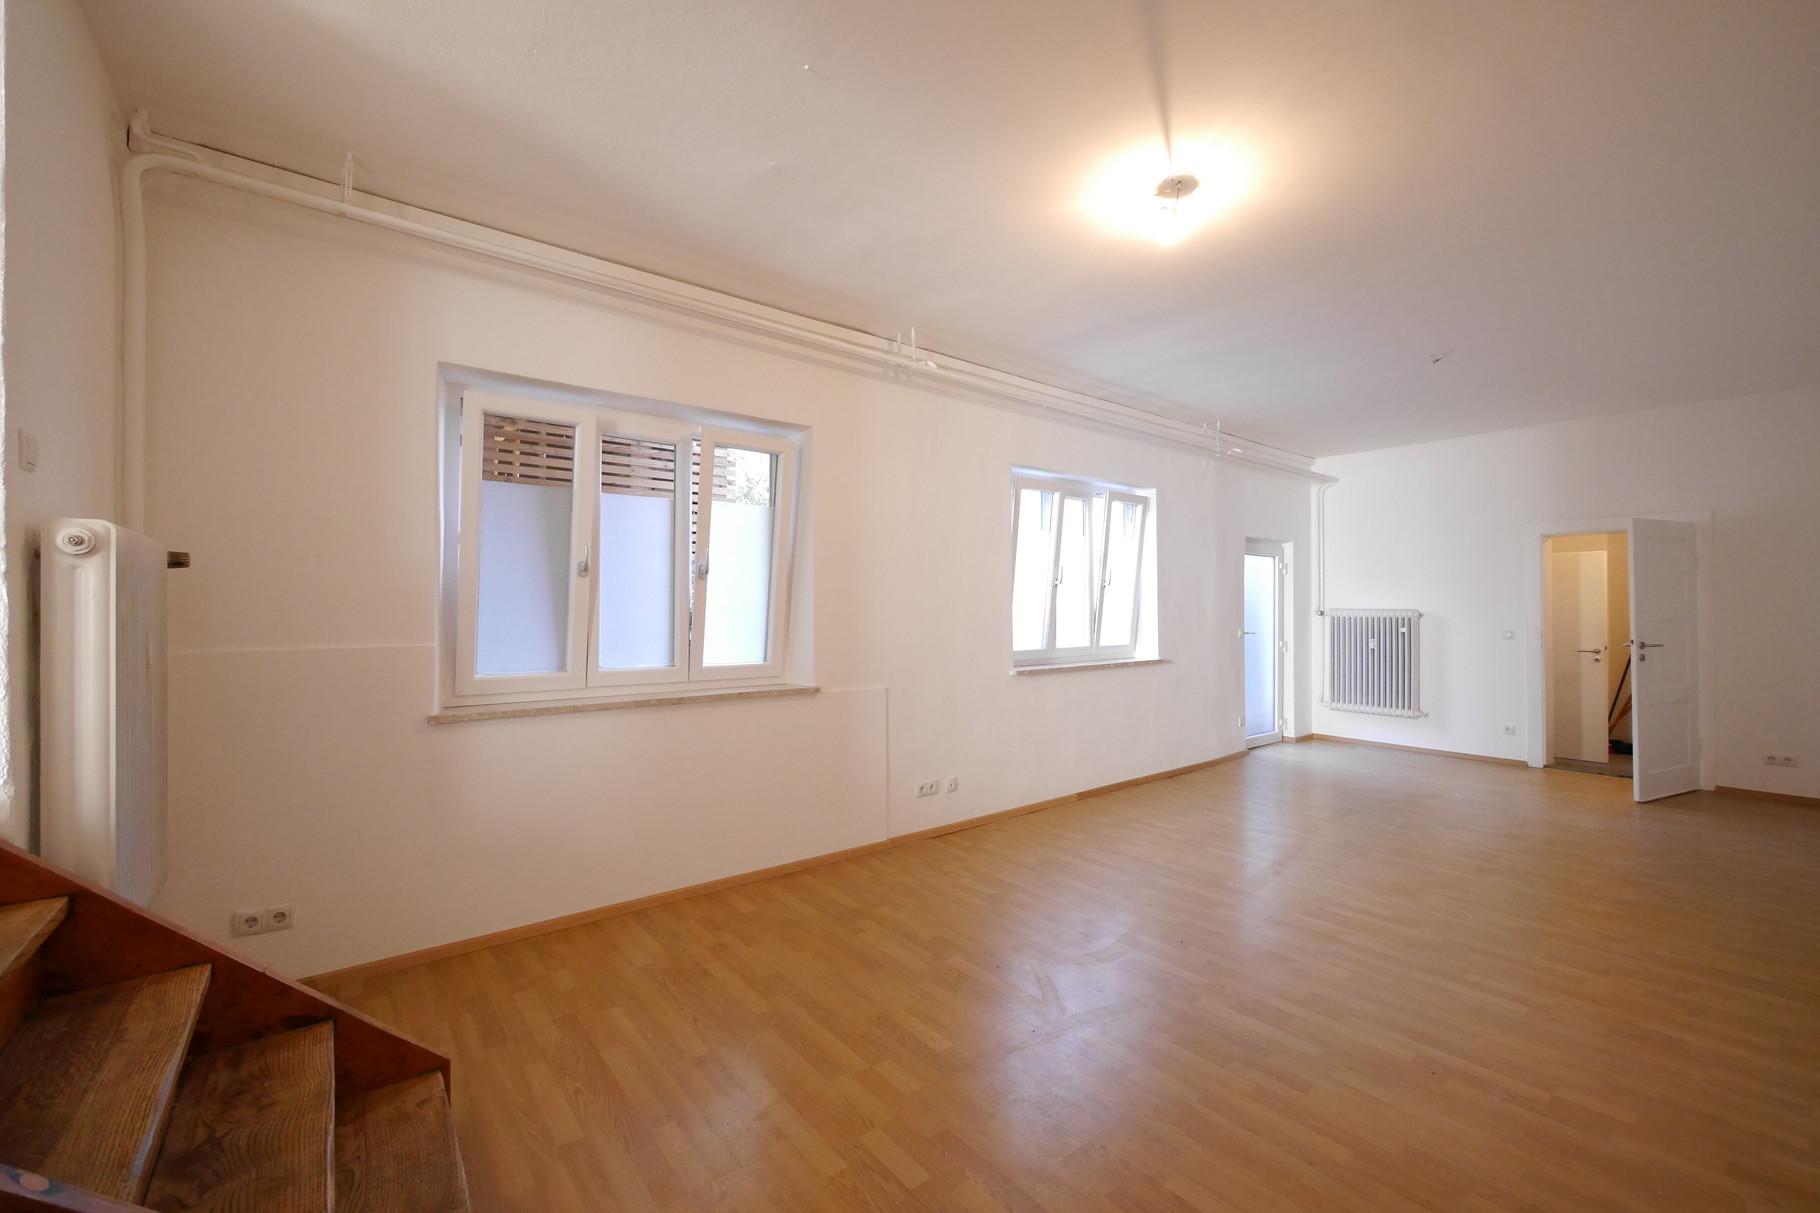 2-Zimmer-Loft-Wohnung in 85354 Freising